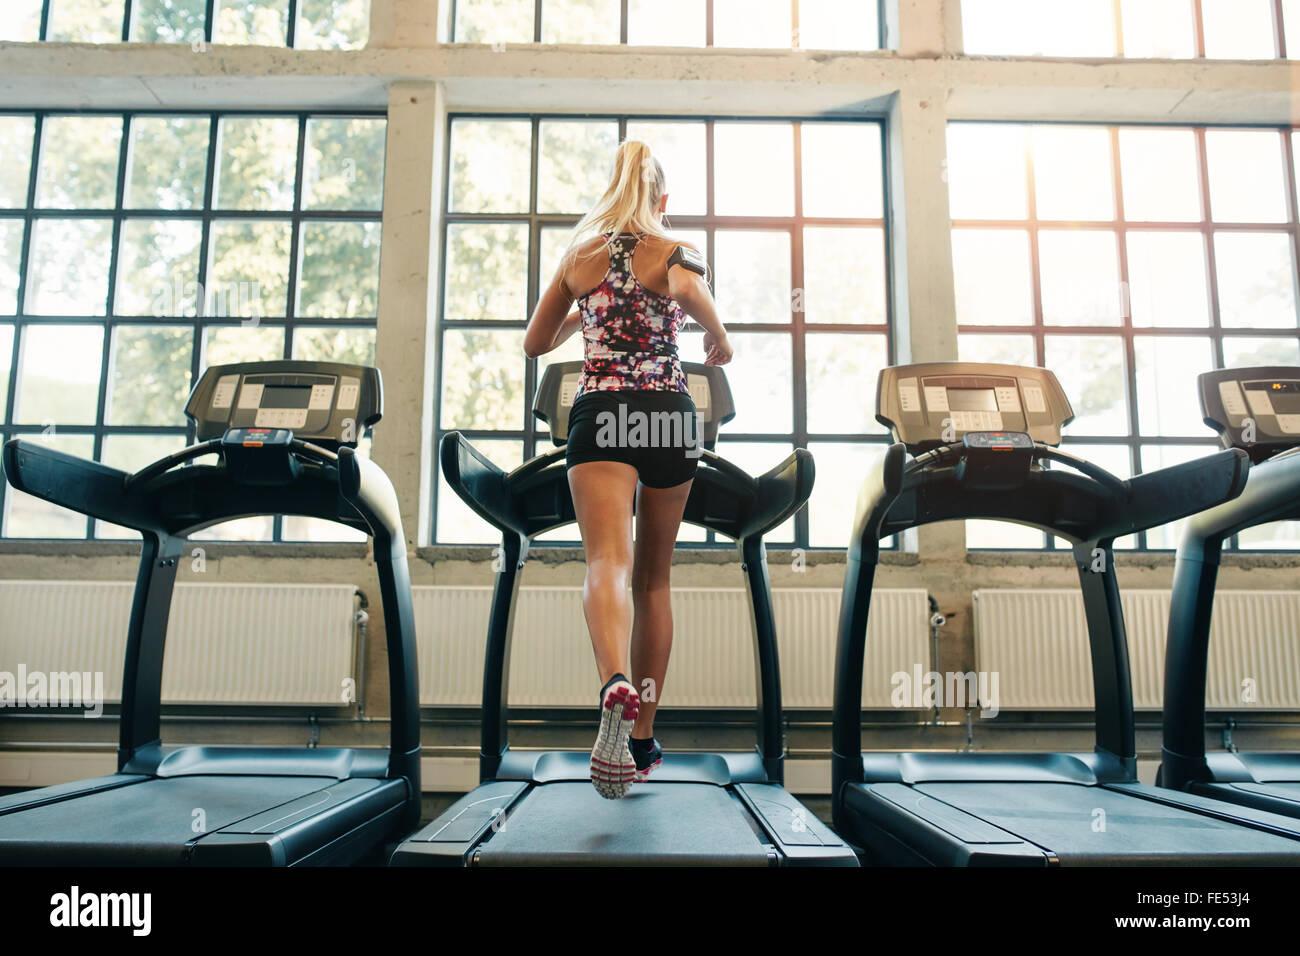 De l'horizontale le jogging sur tapis roulant à un club de santé. Femme à une salle de sport Photo Stock